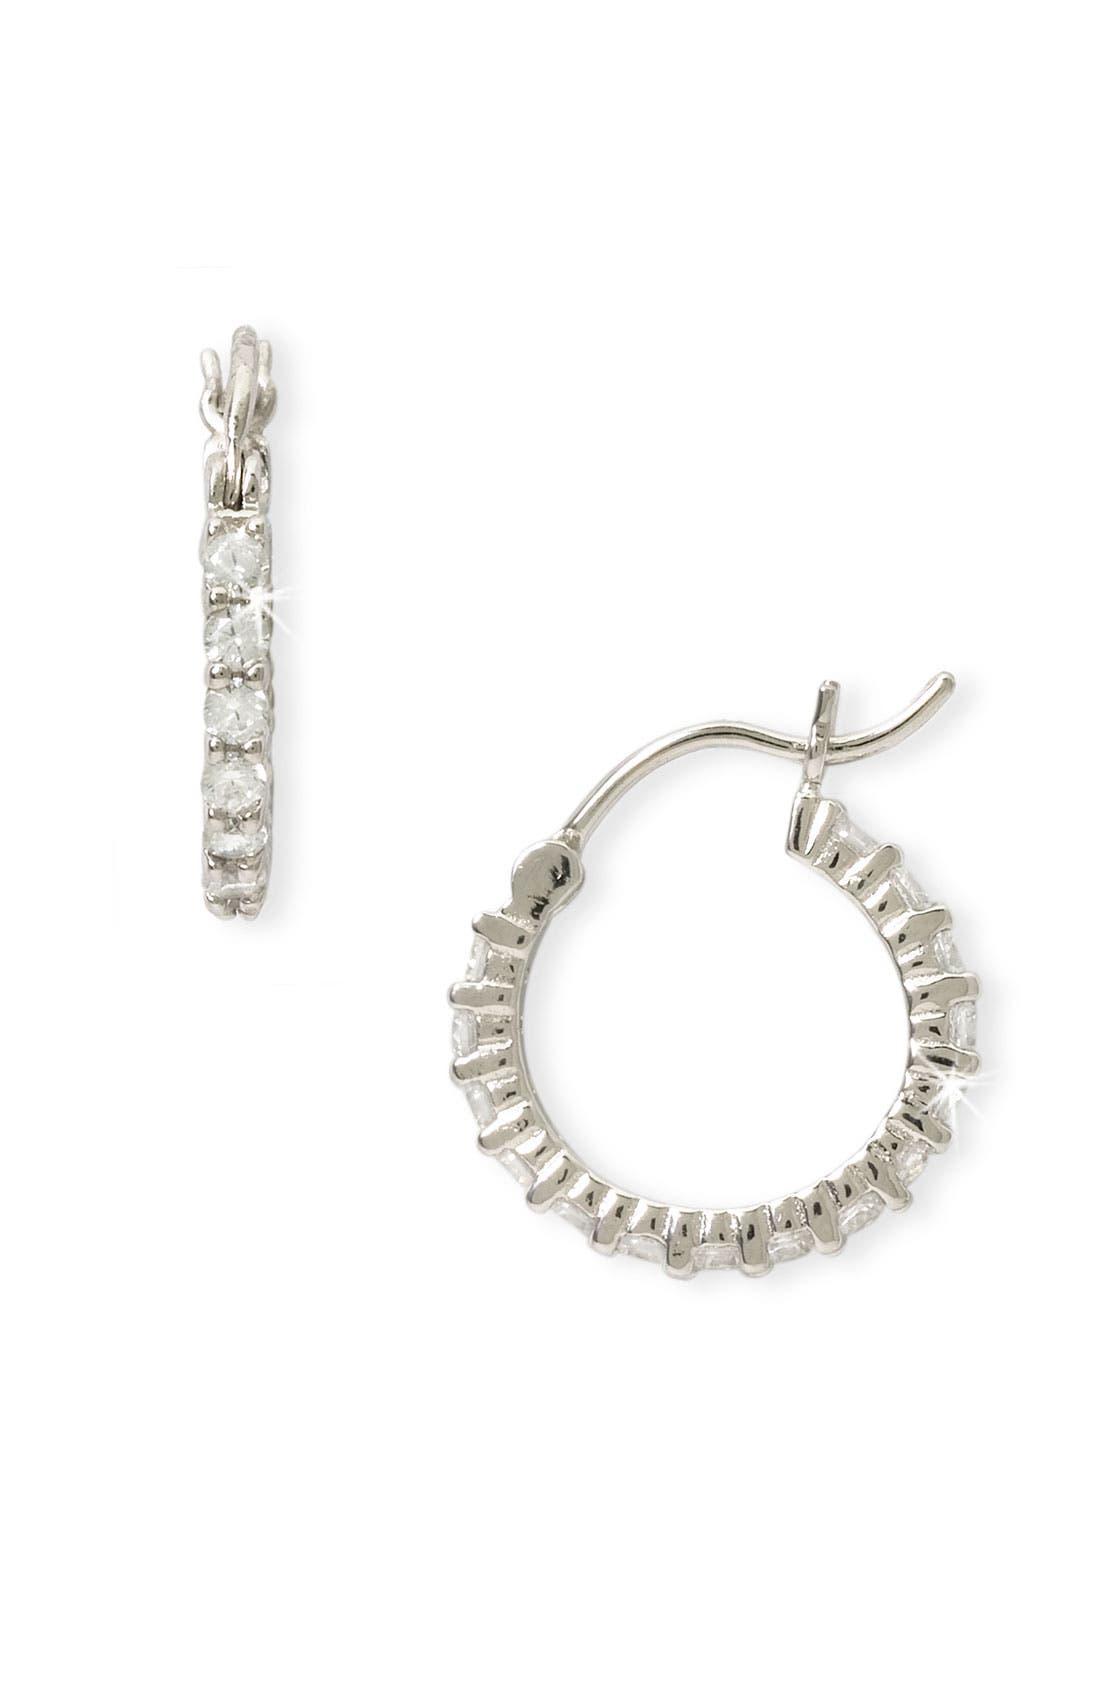 Main Image - Nordstrom Cubic Zirconia Thin Hoop Earrings